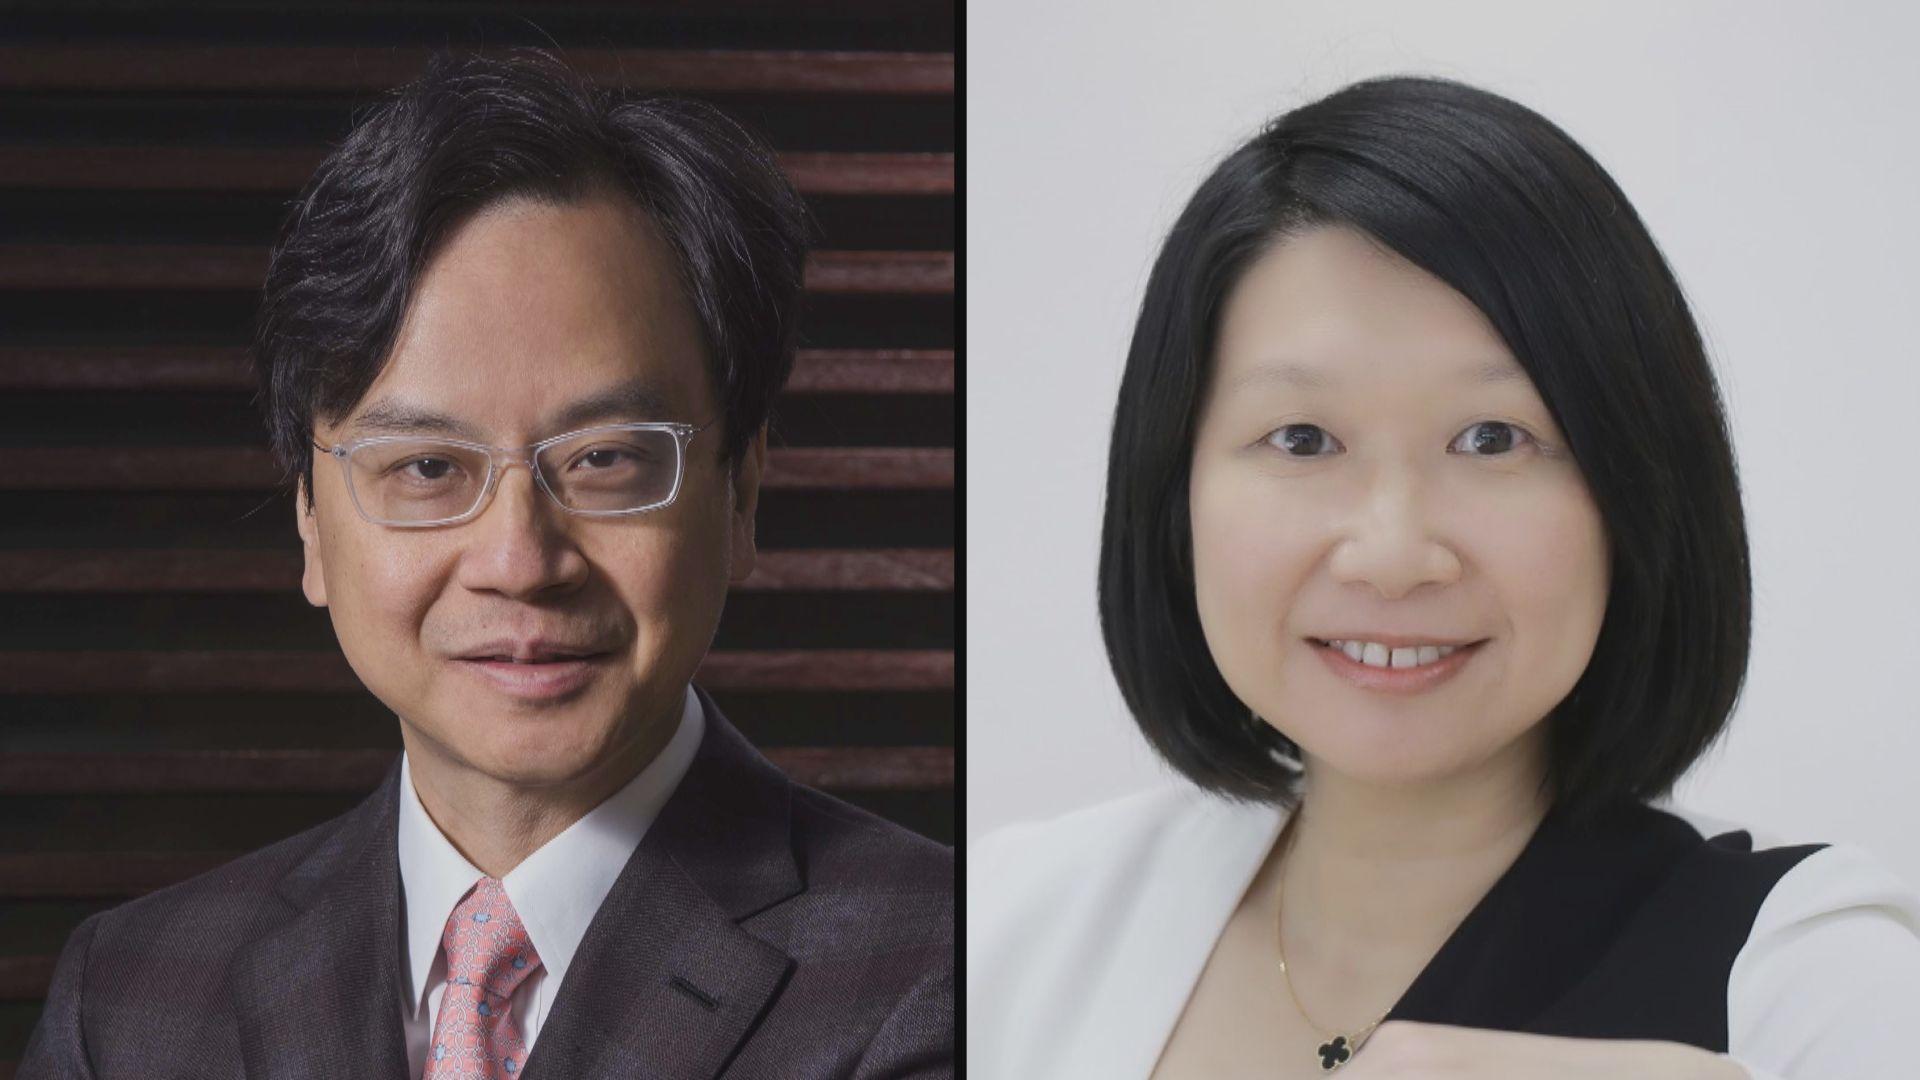 中大兩教授獲選去年20位頂尖轉化研究科學家